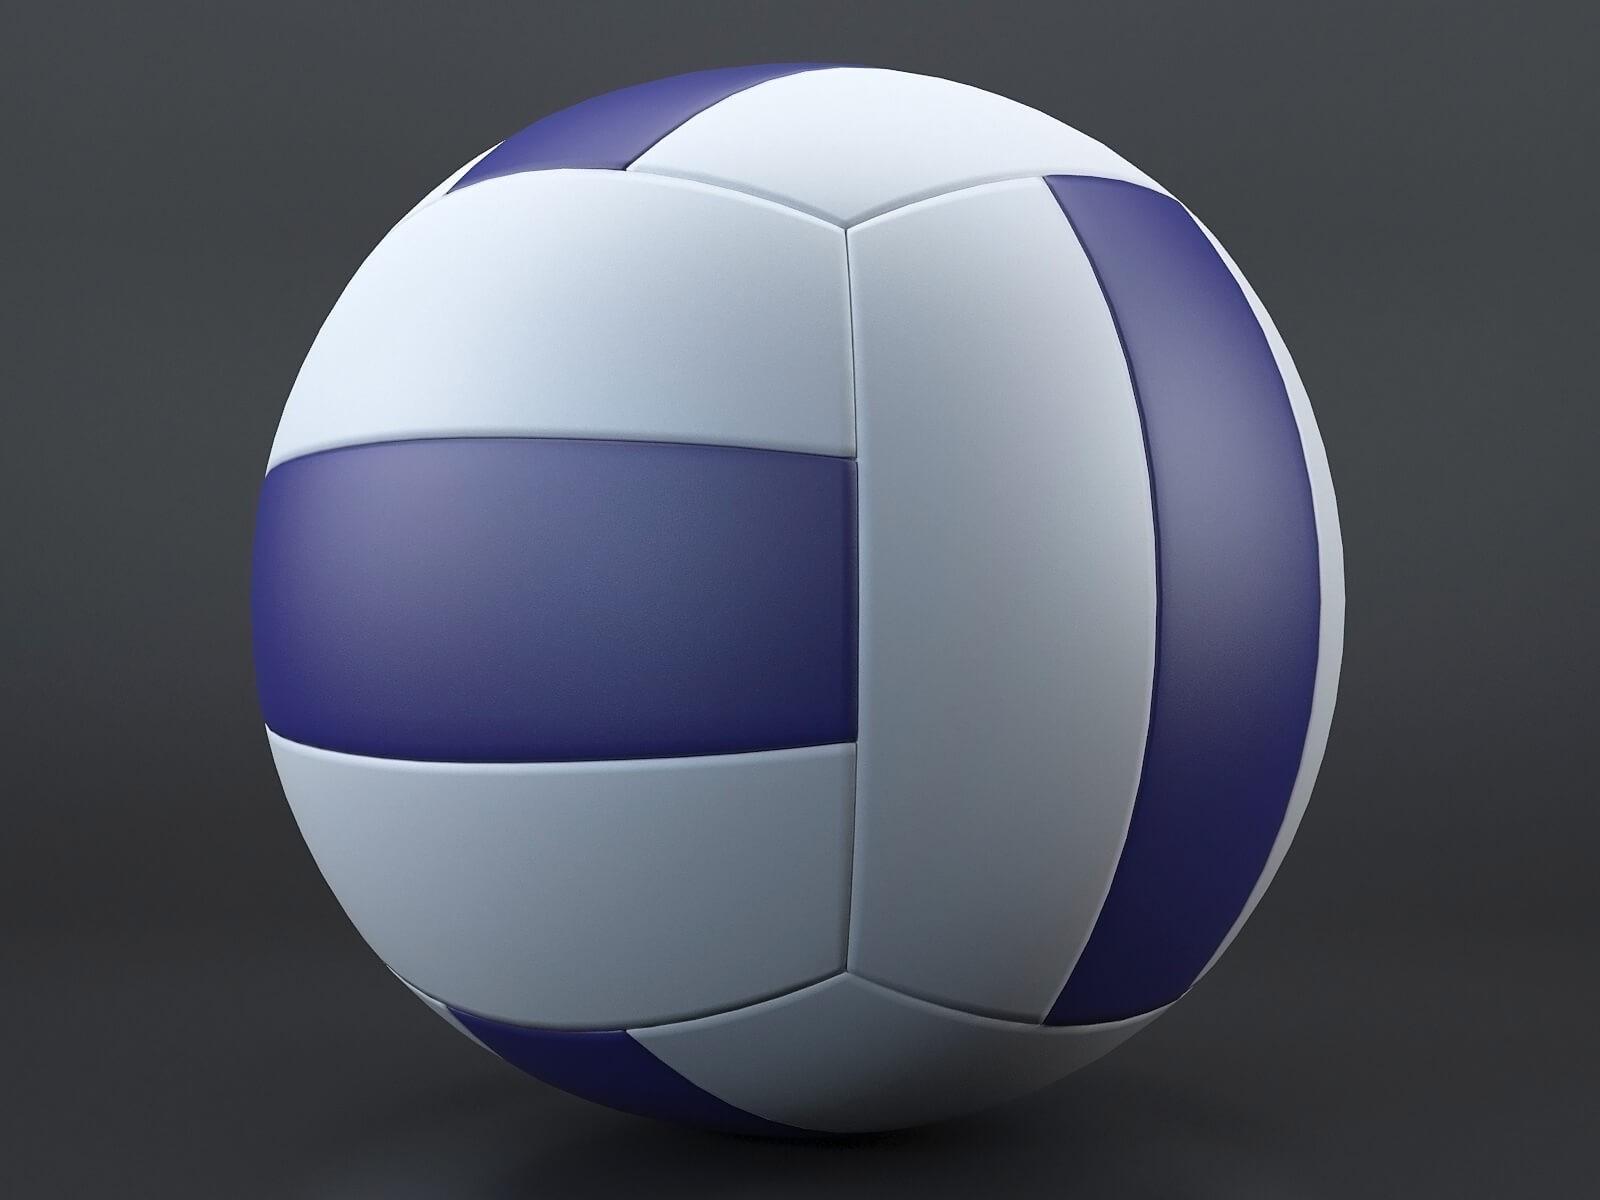 Ballon de volley 2